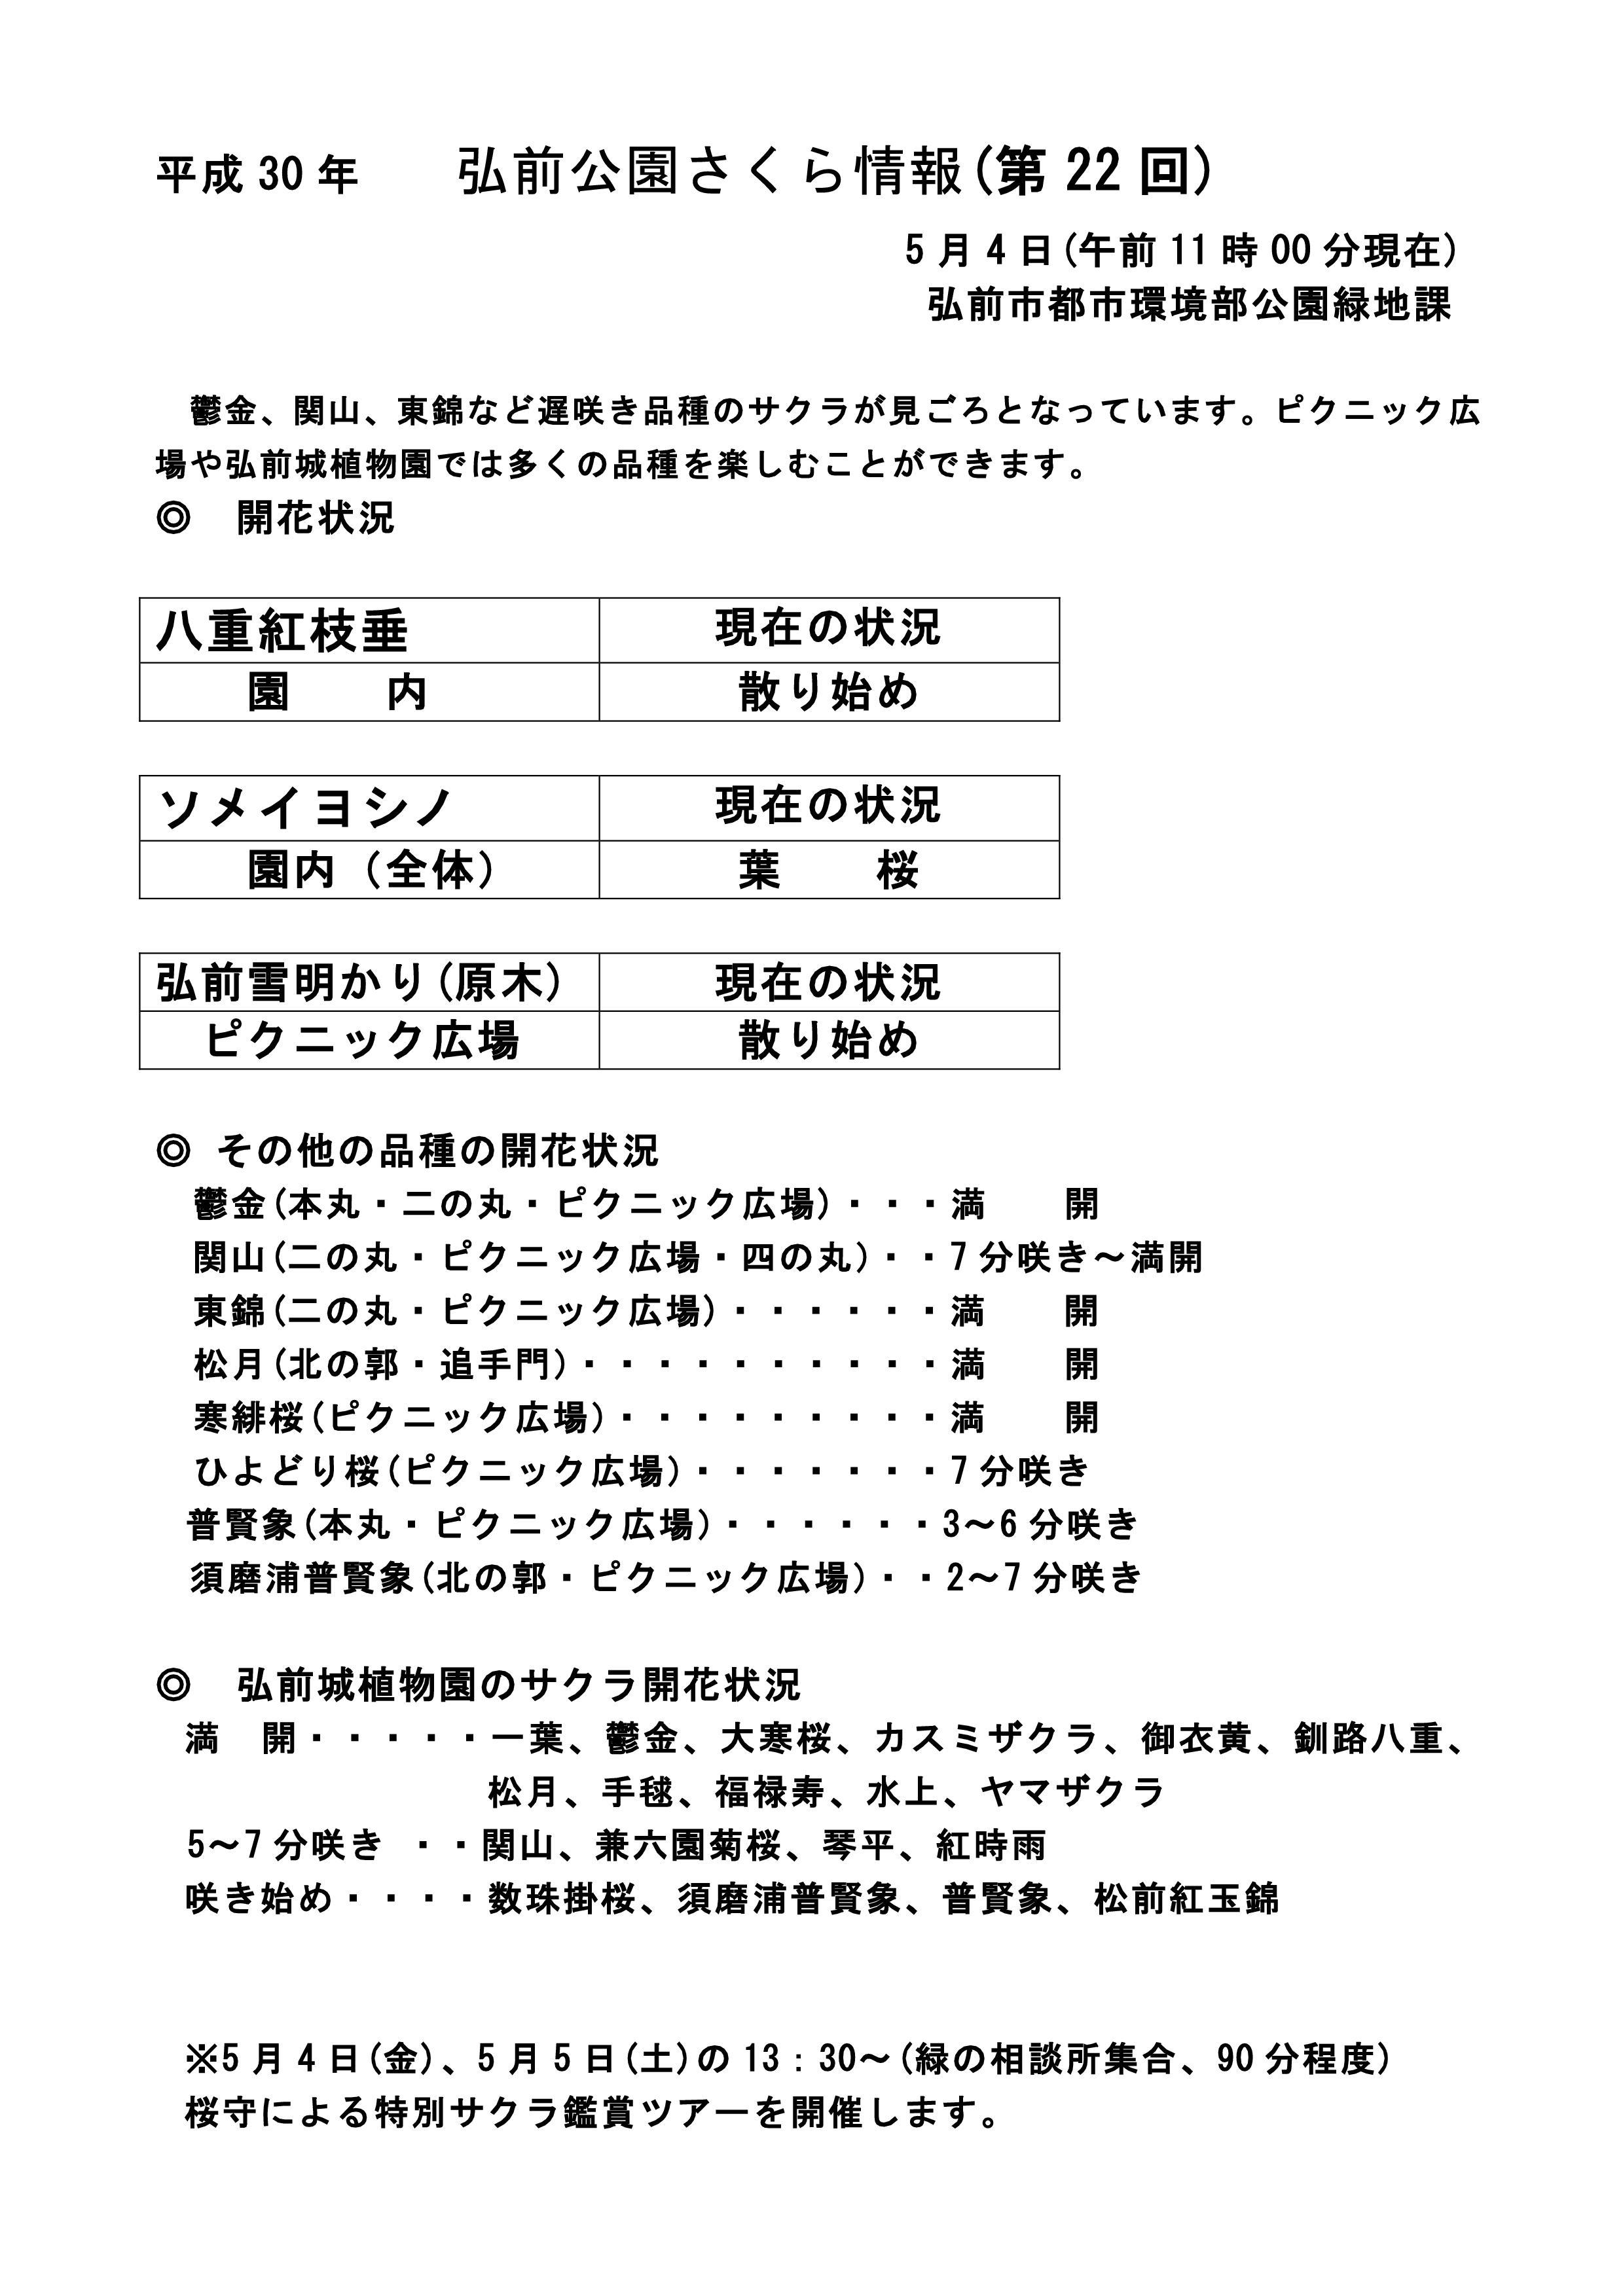 2018年5月4日付 弘前公園さくら情報【弘前公園・弘前城】